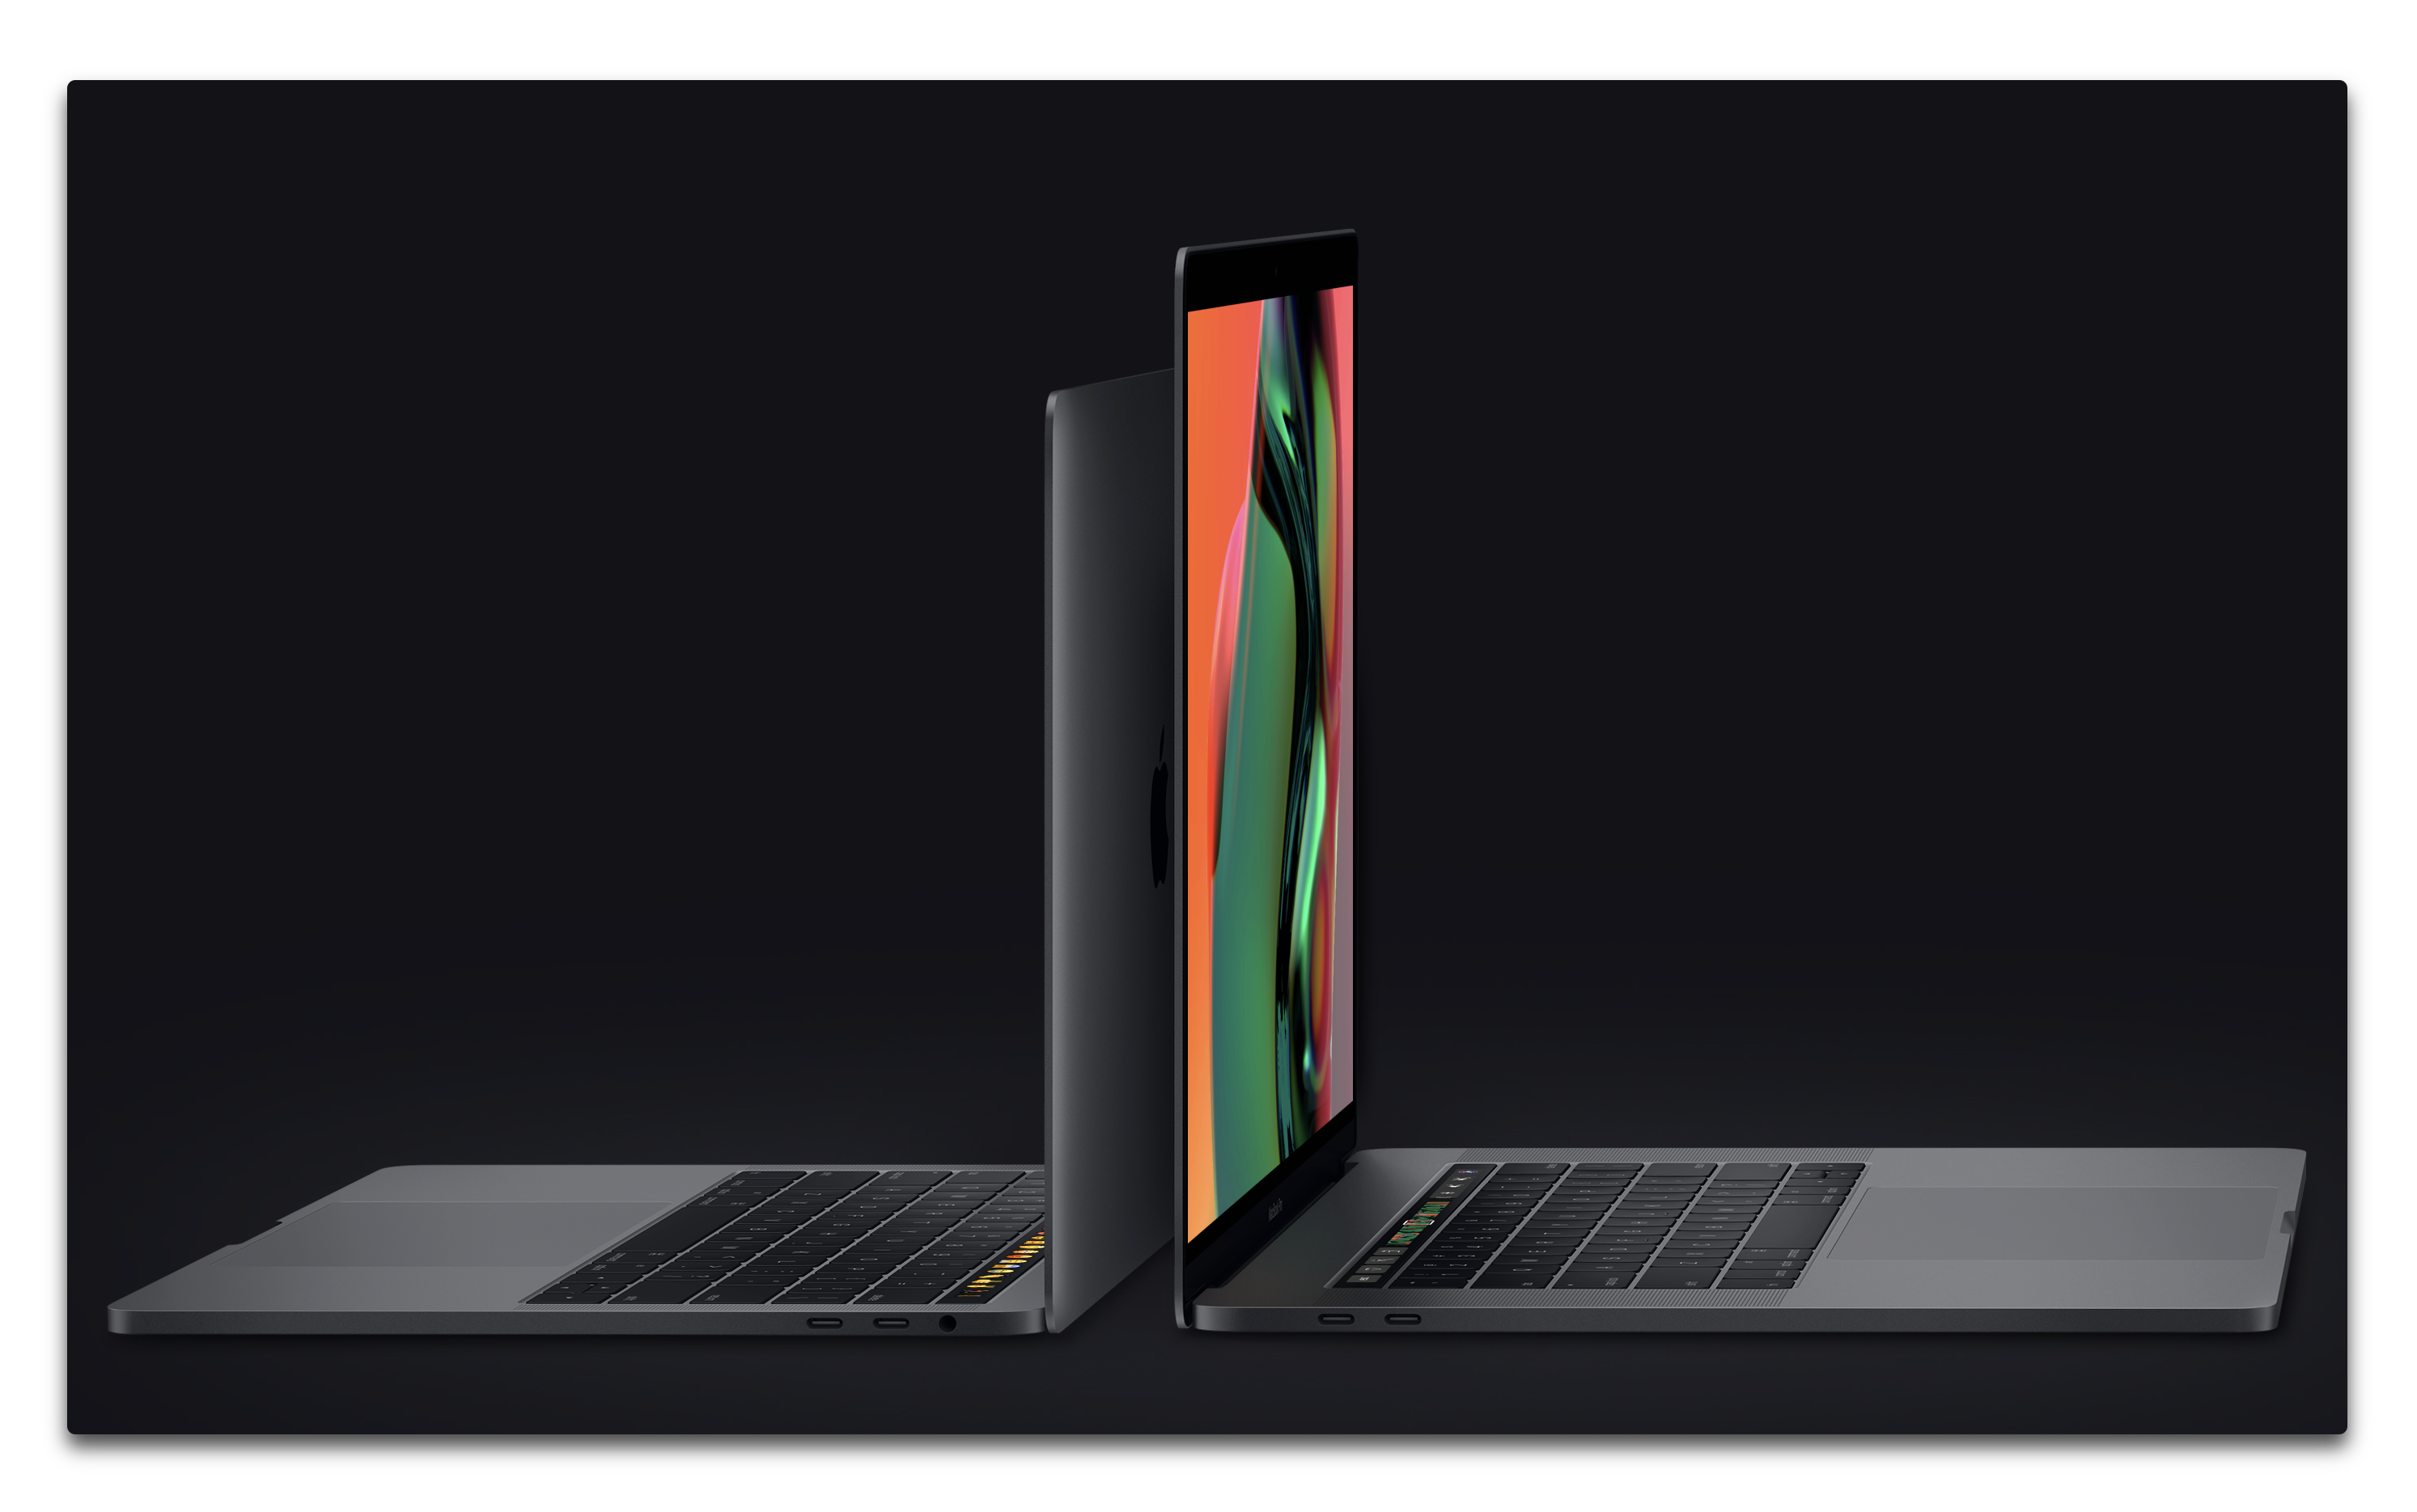 macOS Mojave 10.14 beta 5 にはMacBook Pro 2018のパフォーマンスパッチが含まれる